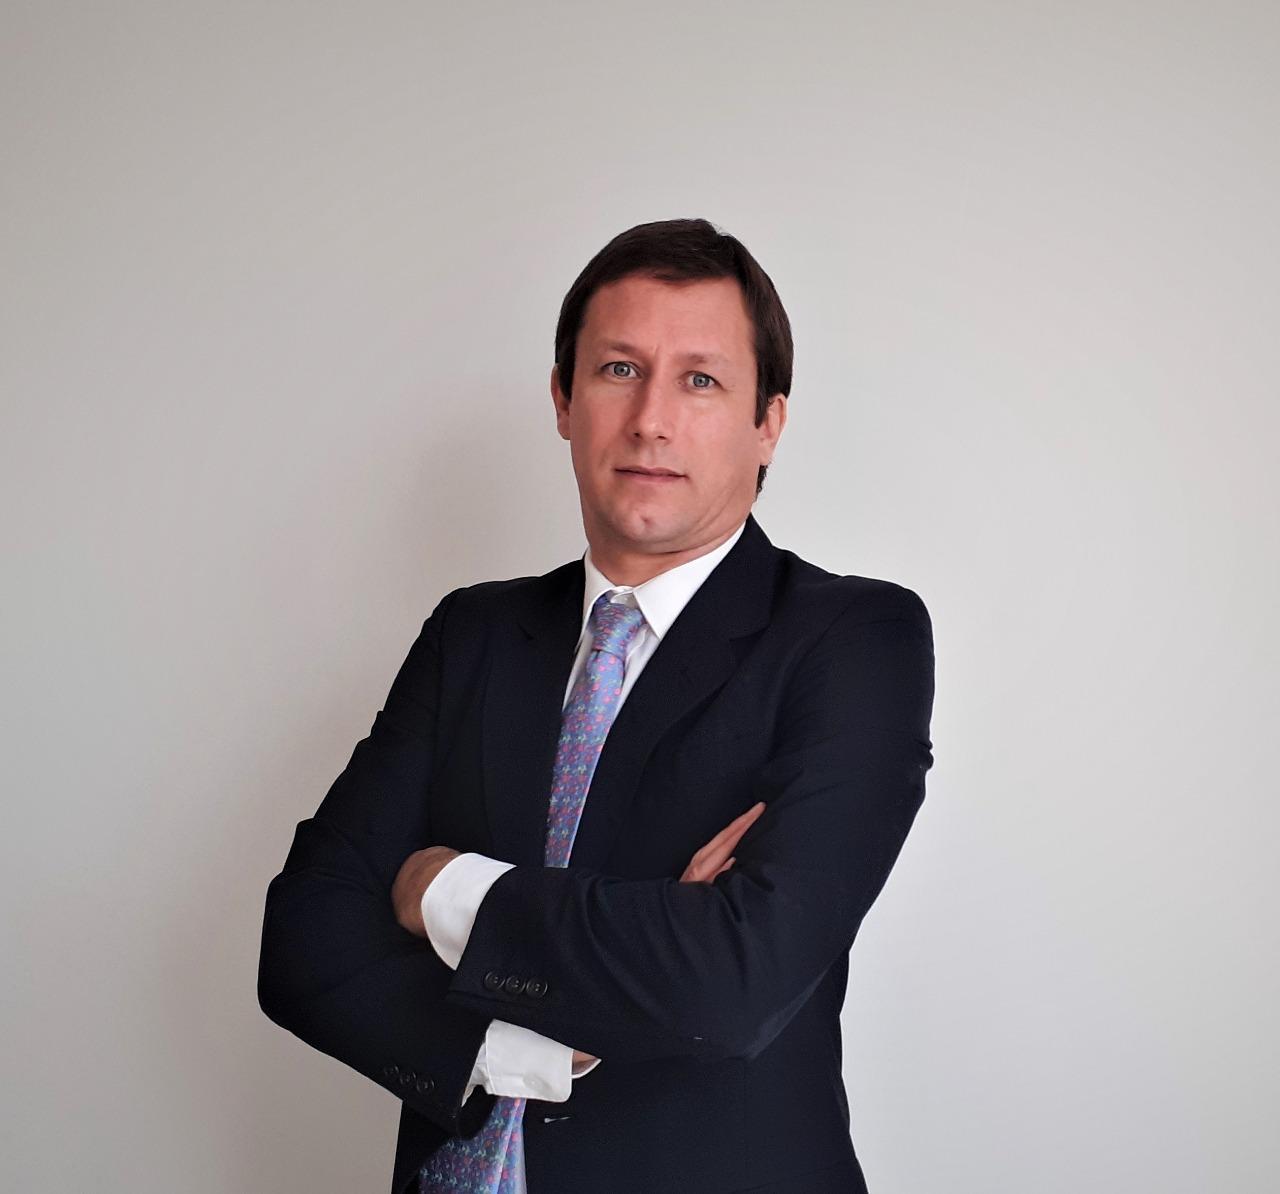 Raúl Pastorini